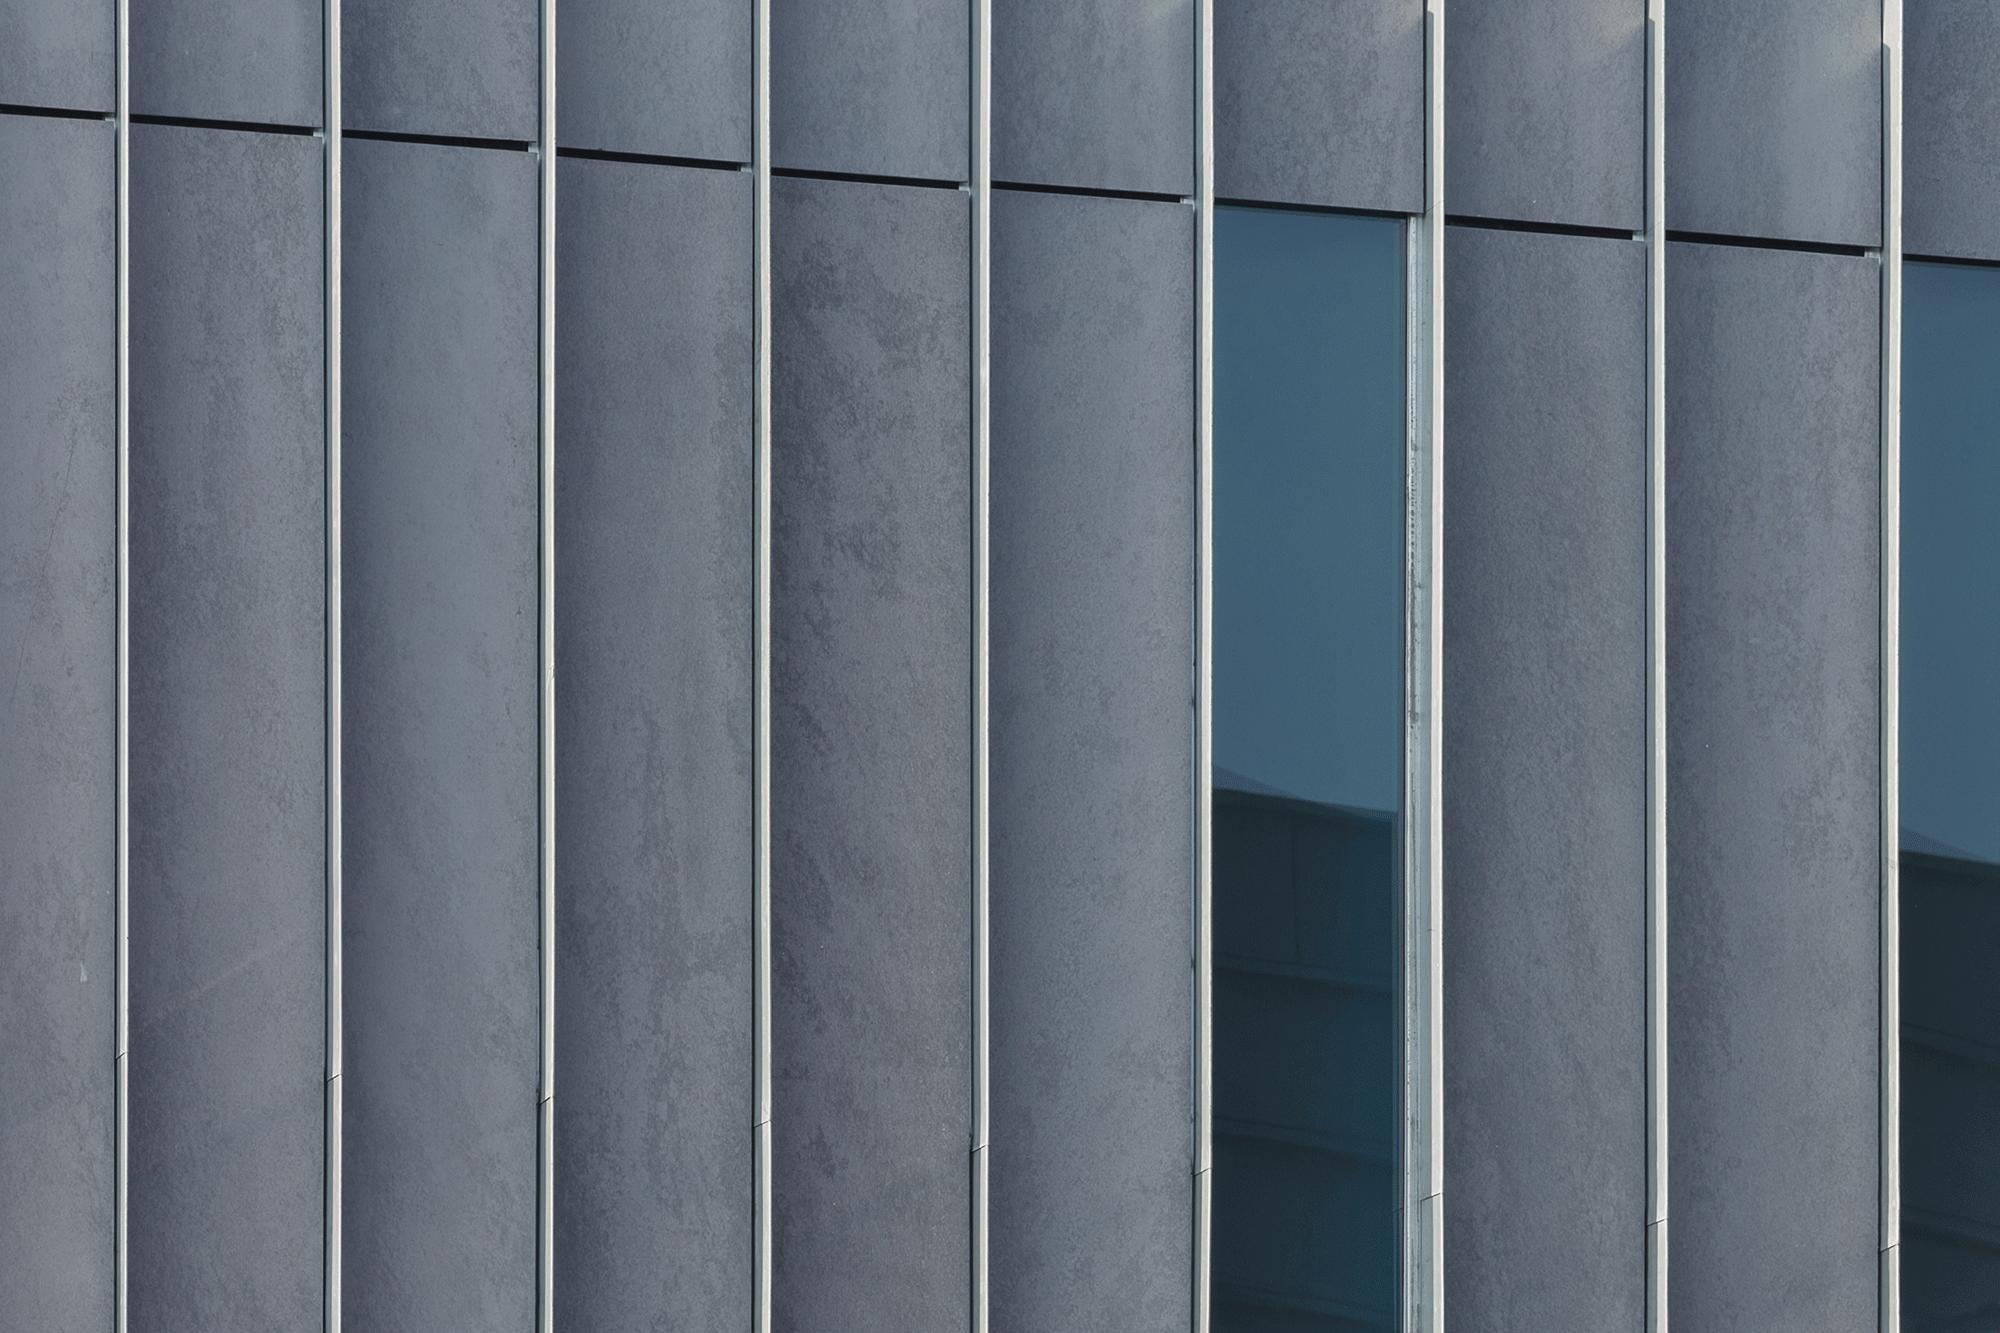 Design Potential Concrete Panel Facade Concrete Wall Panels Facade Material